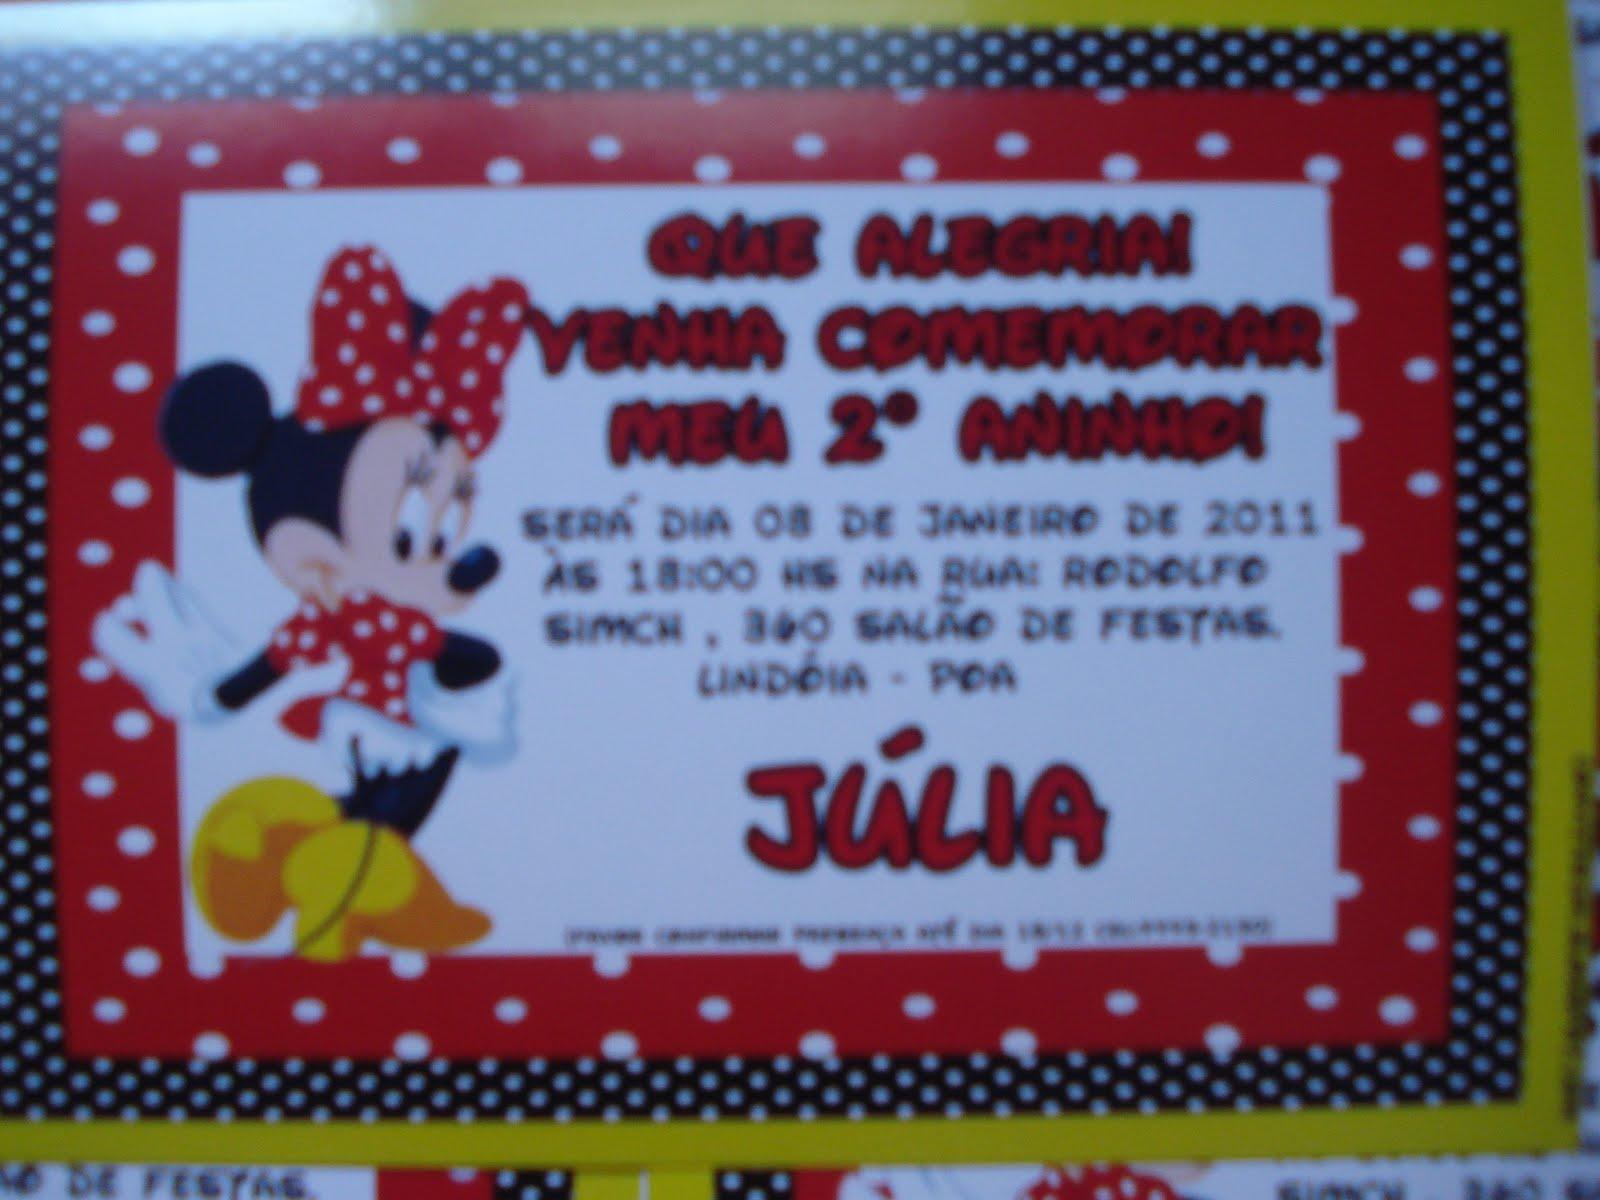 Postado Por Convites Dri By Adriana Silvestre   S 16 32